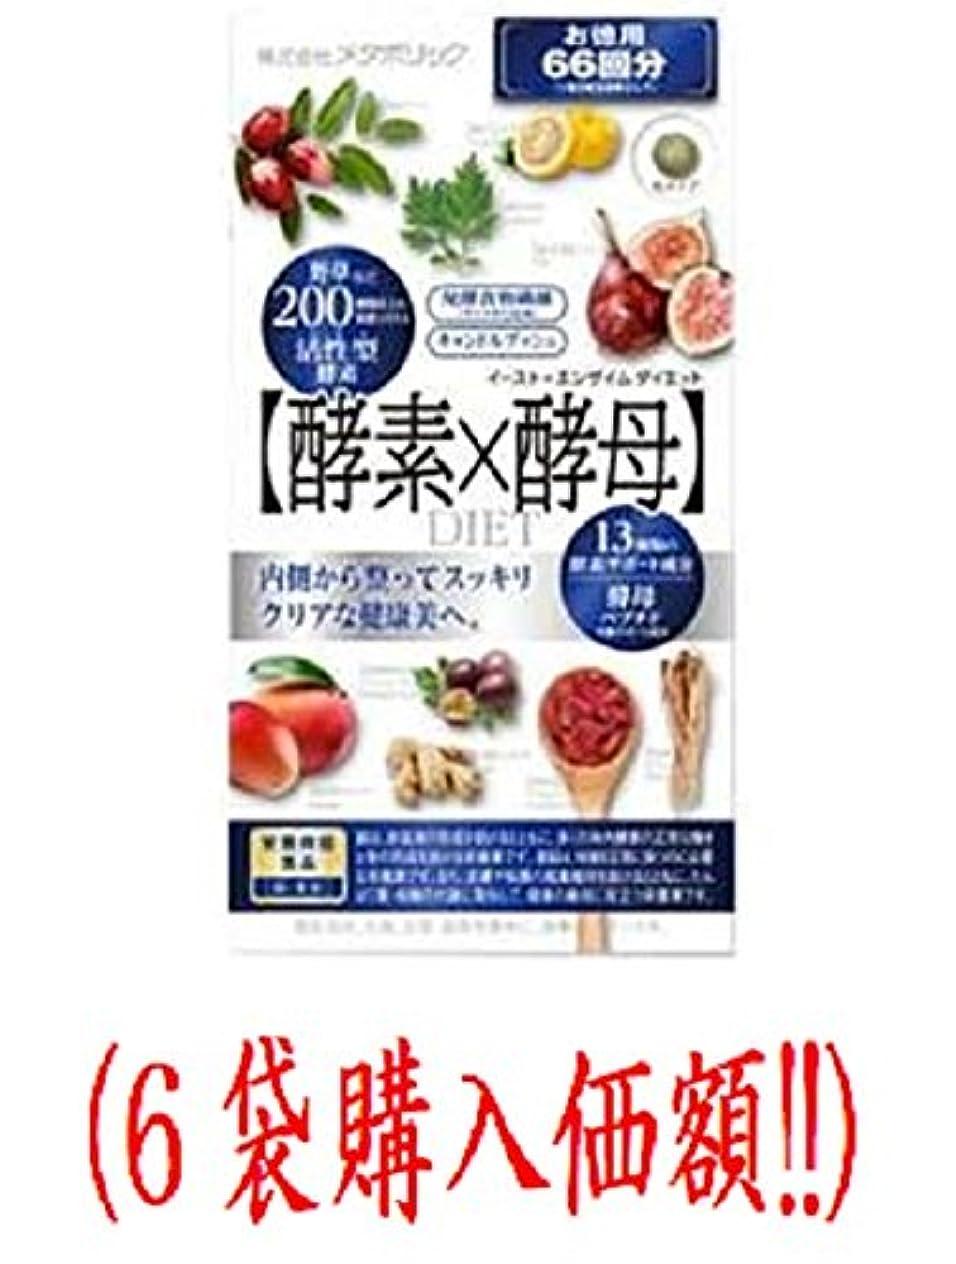 魚コーナー騒乱メタボリック イースト×エンザイムダイエット 60粒(6個購入価額)